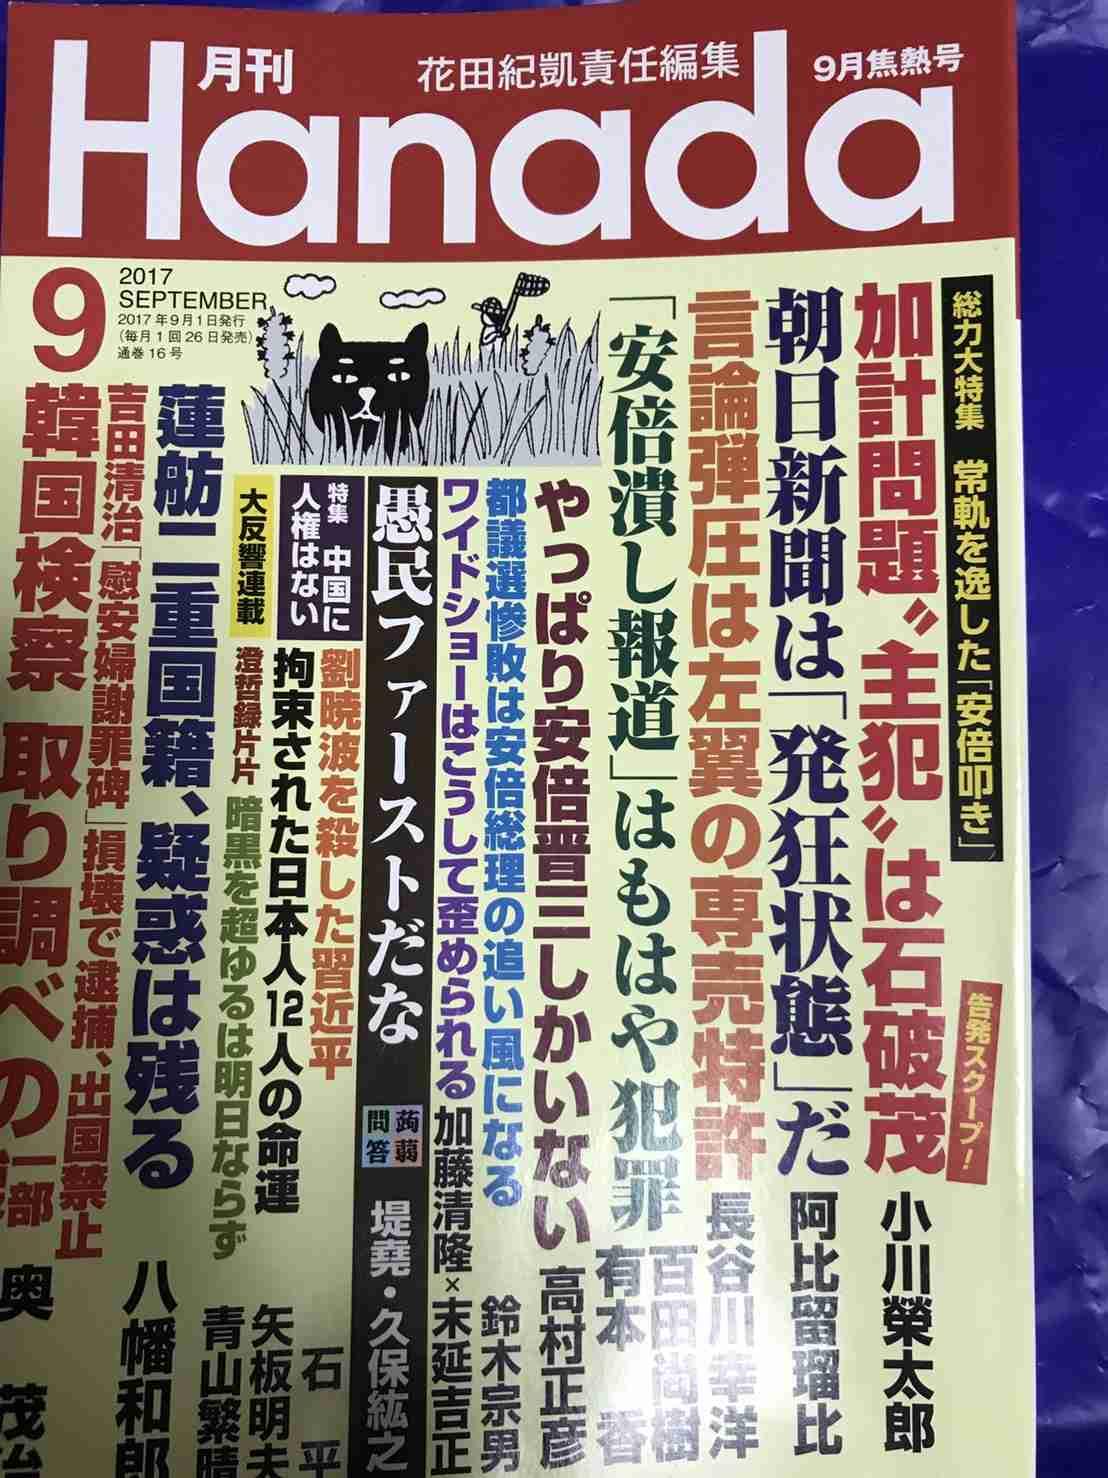 次期首相トップに石破茂氏=安倍晋三総裁3選、反対51%-時事世論調査